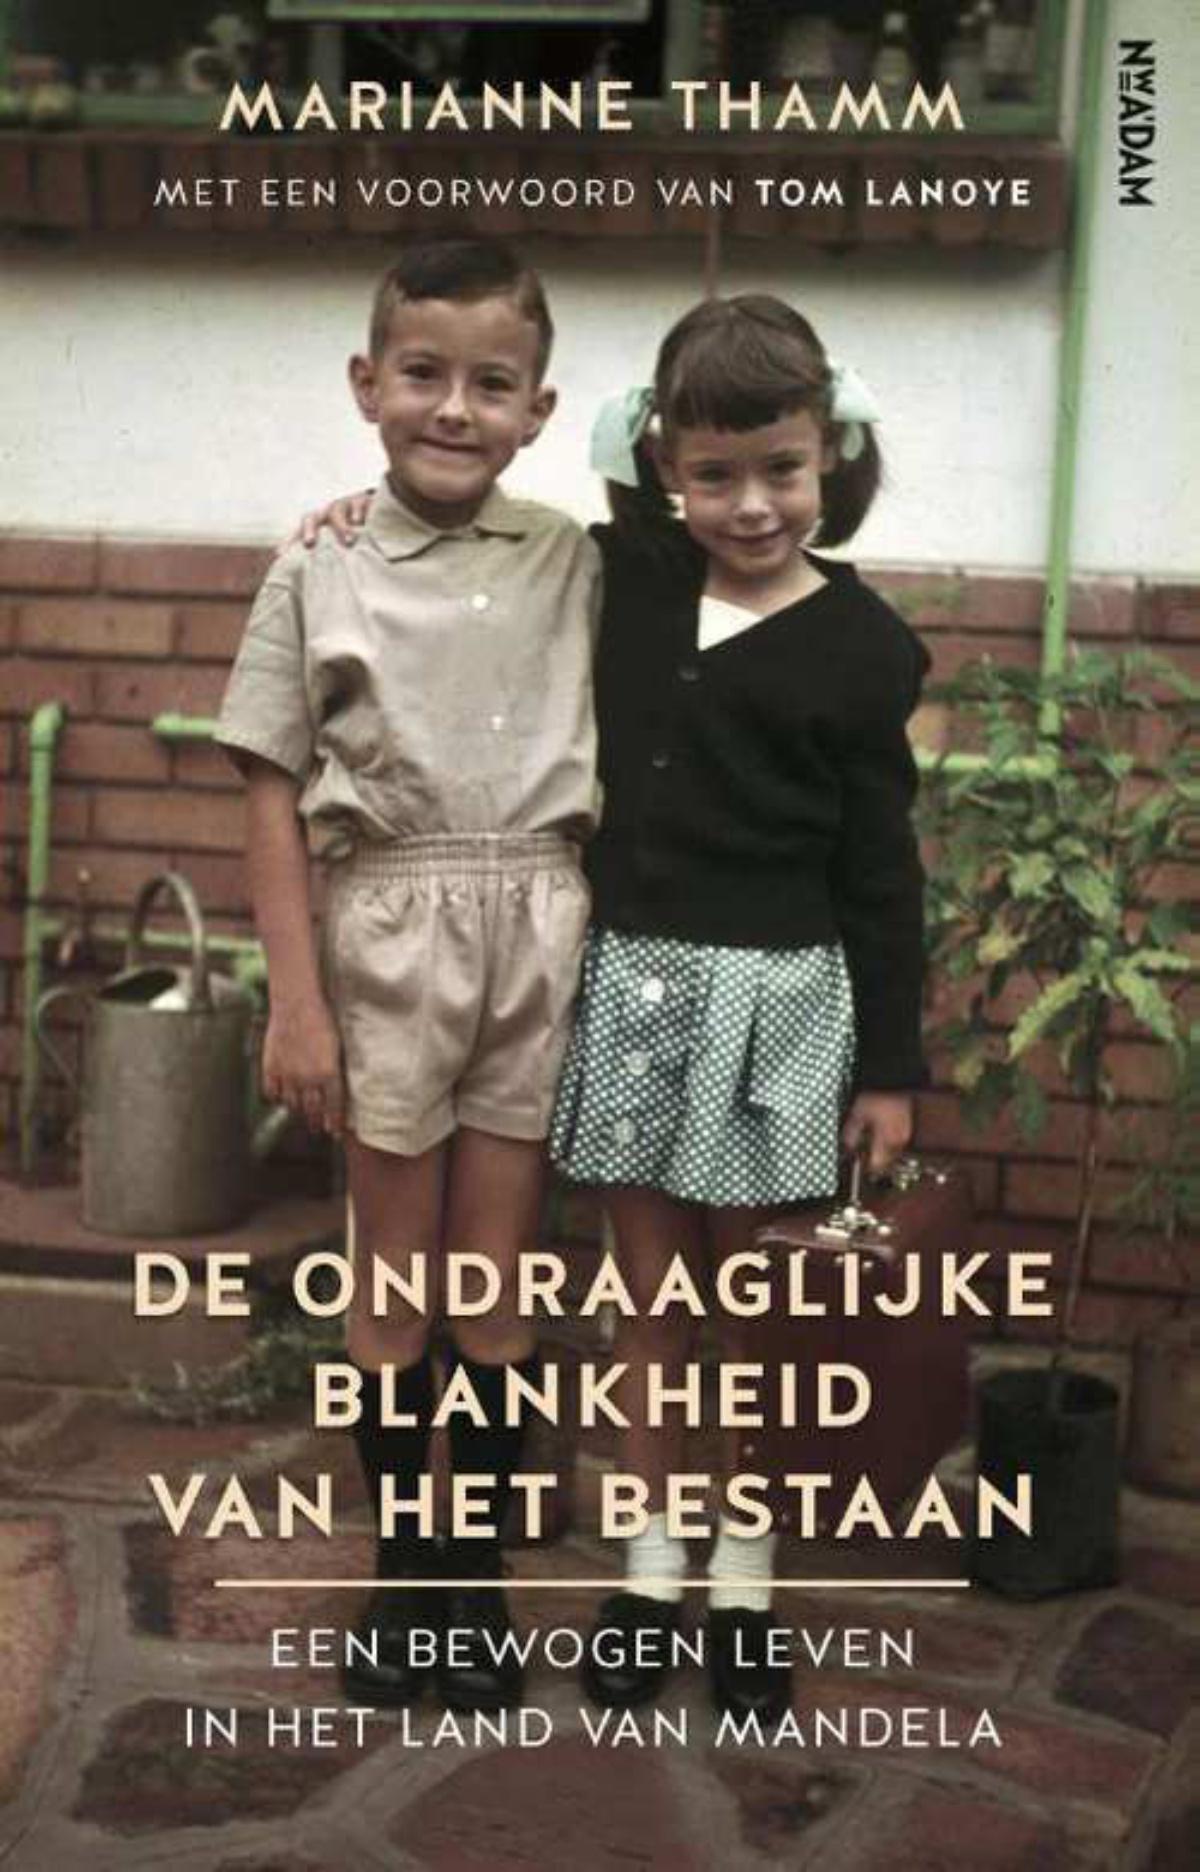 Cover boek, Uitgeverij Nieuw Amsterdam